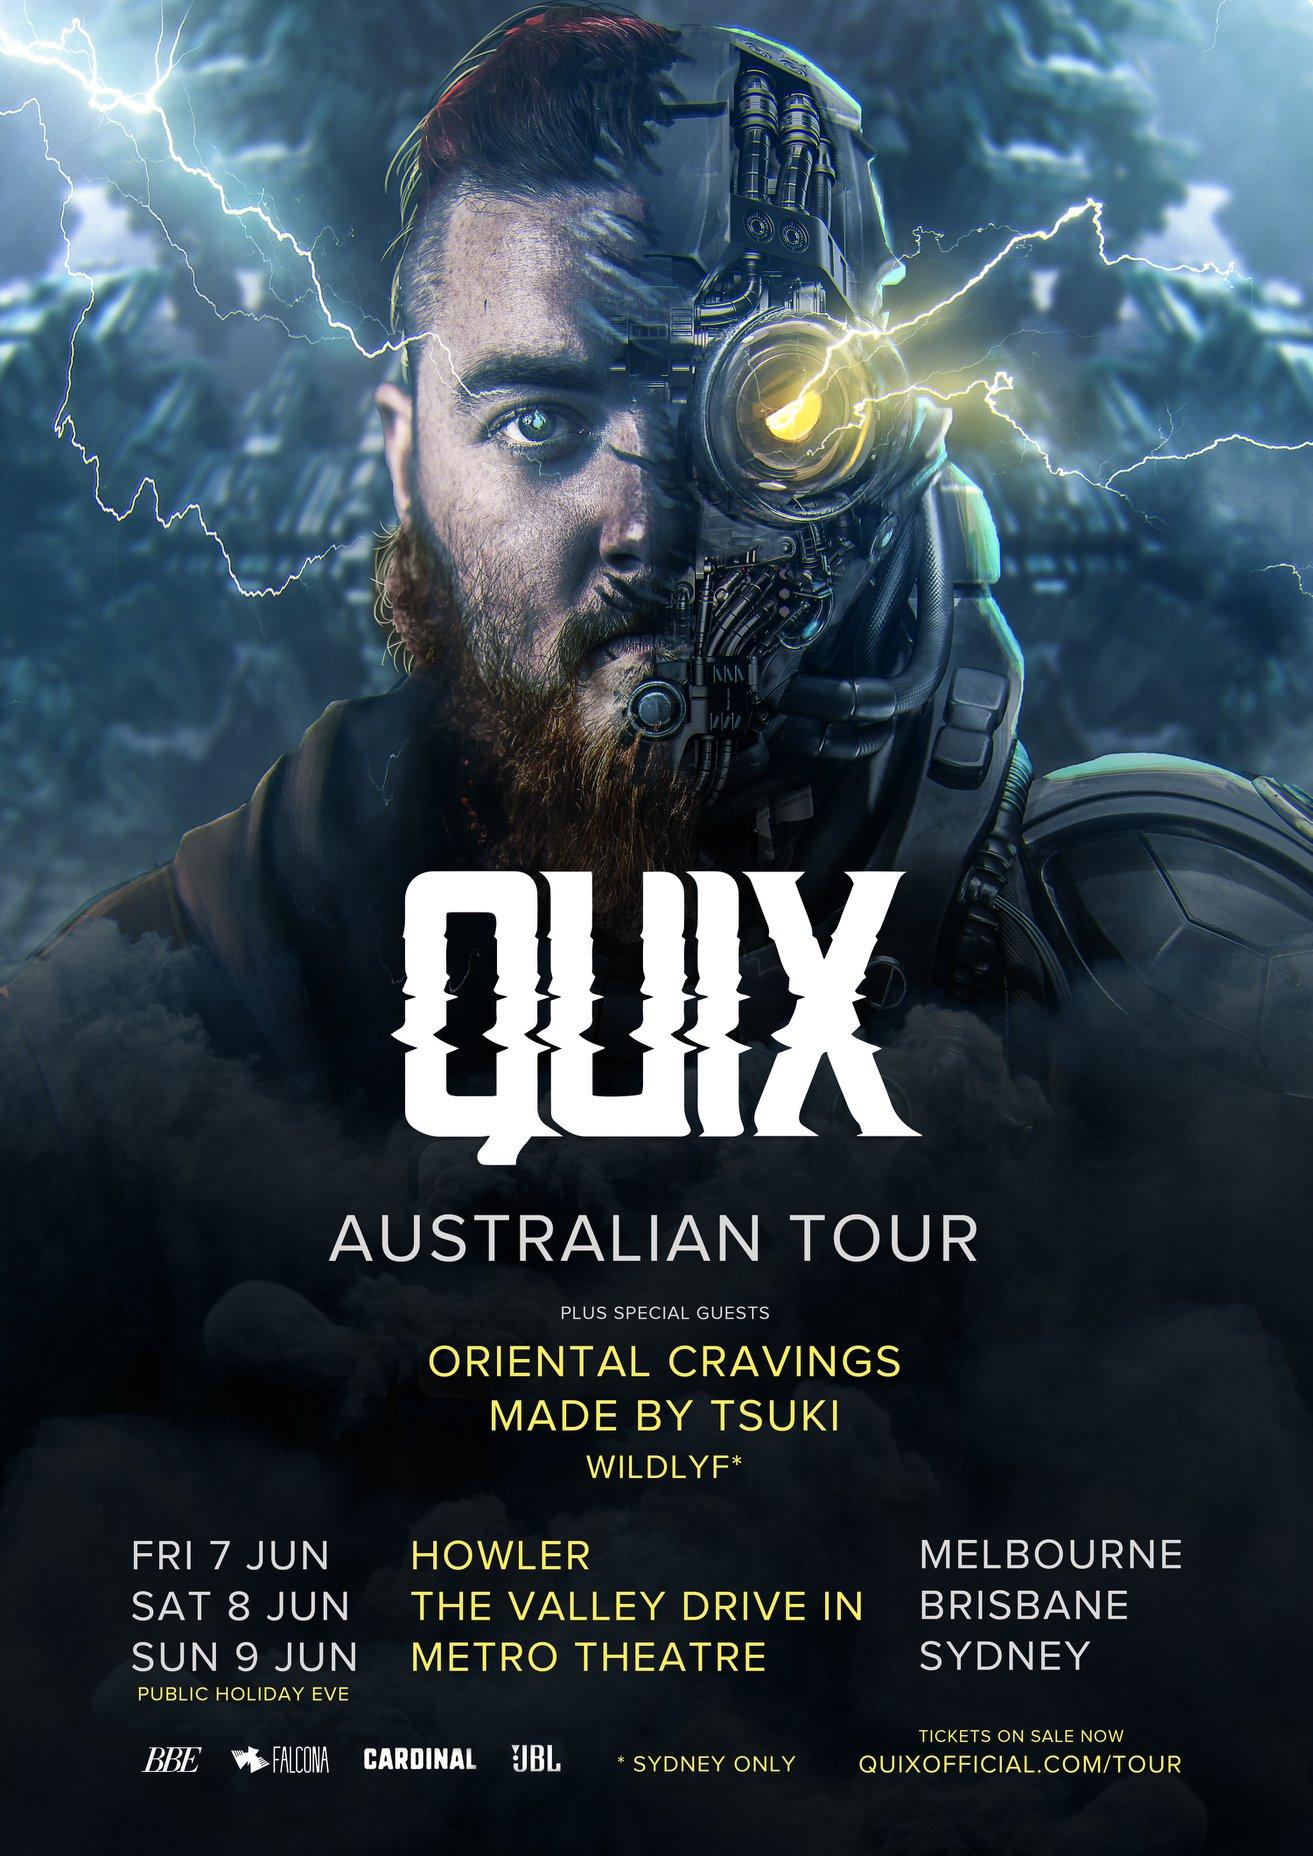 quix-australian-tour-2019-oz-edm